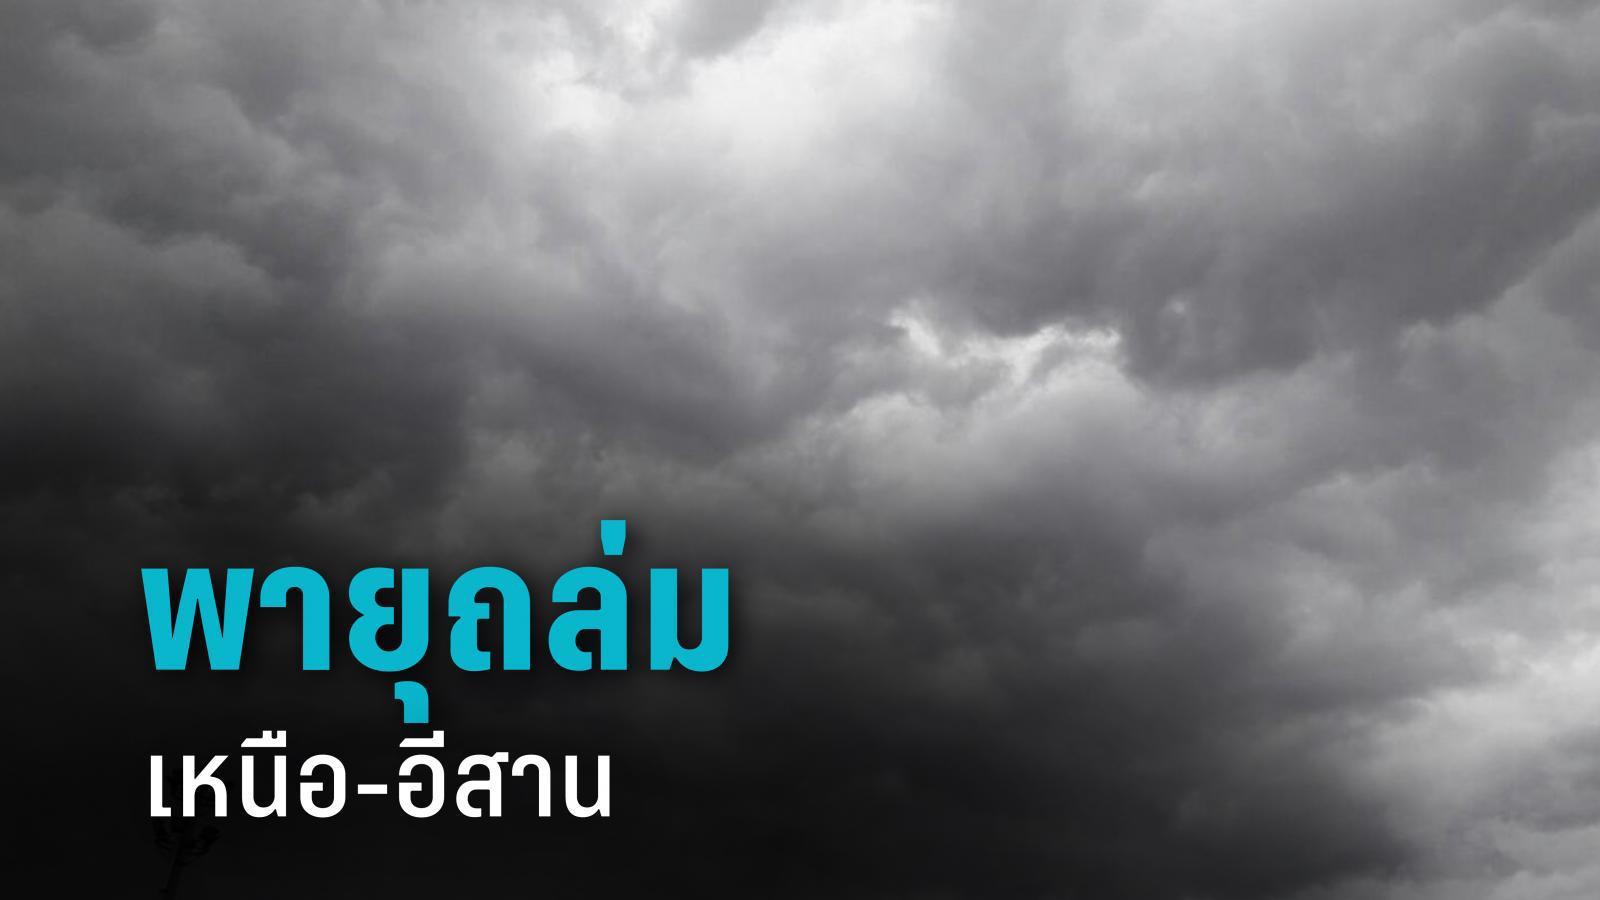 กรมอุตุฯ เตือน เหนือ – อีสาน  พายุฝนถล่ม ลูกเห็บตก ก่อนอุณหภูมิลดฮวบ